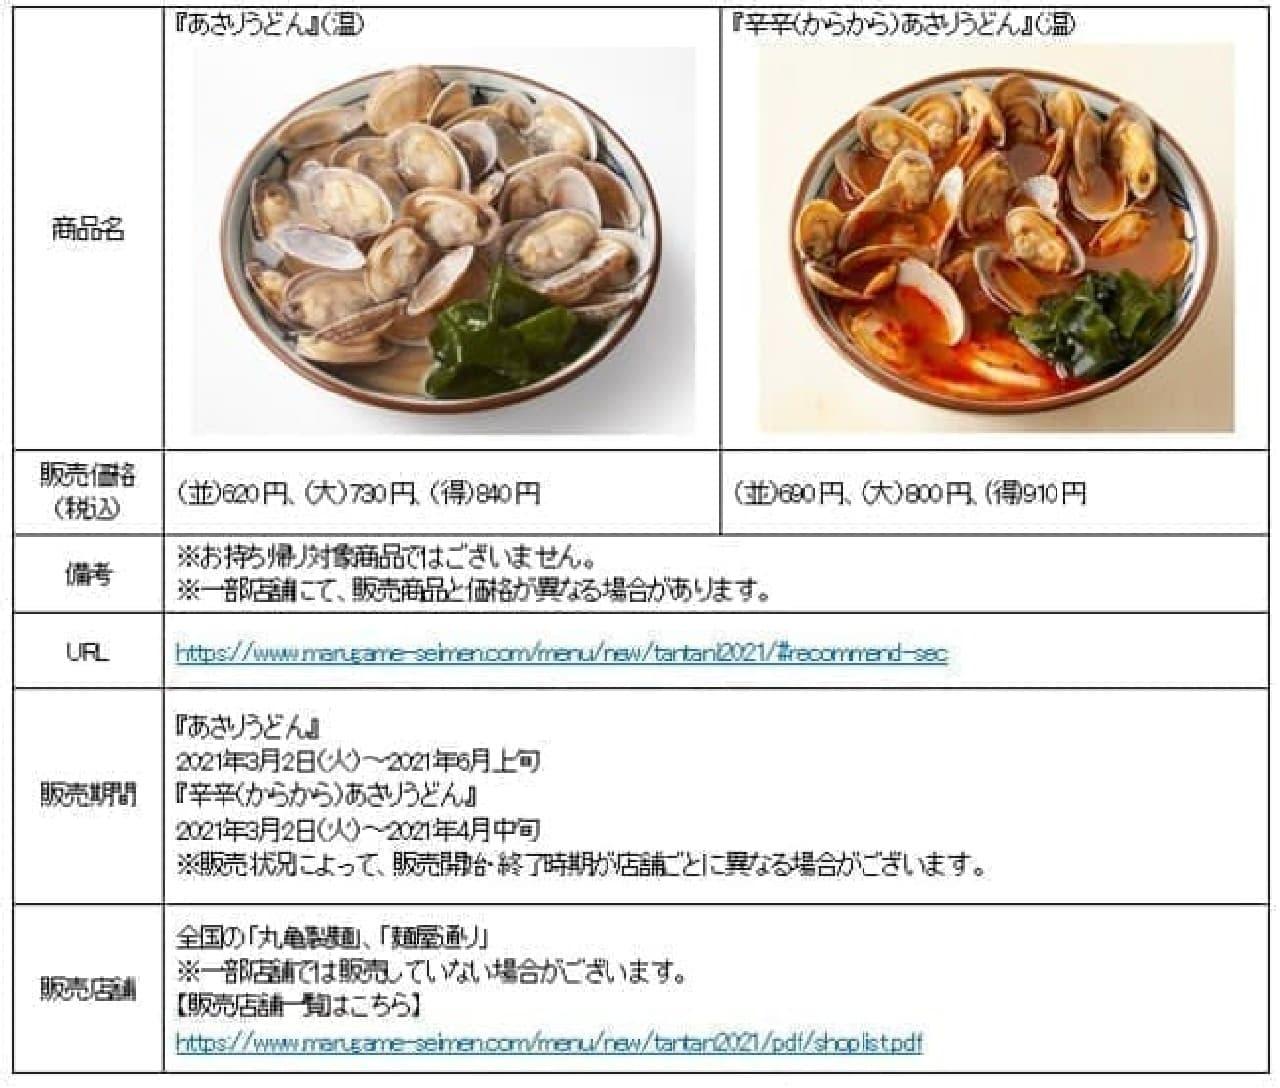 丸亀製麺「辛辛(からから)担々うどん」「辛辛あさりうどん」